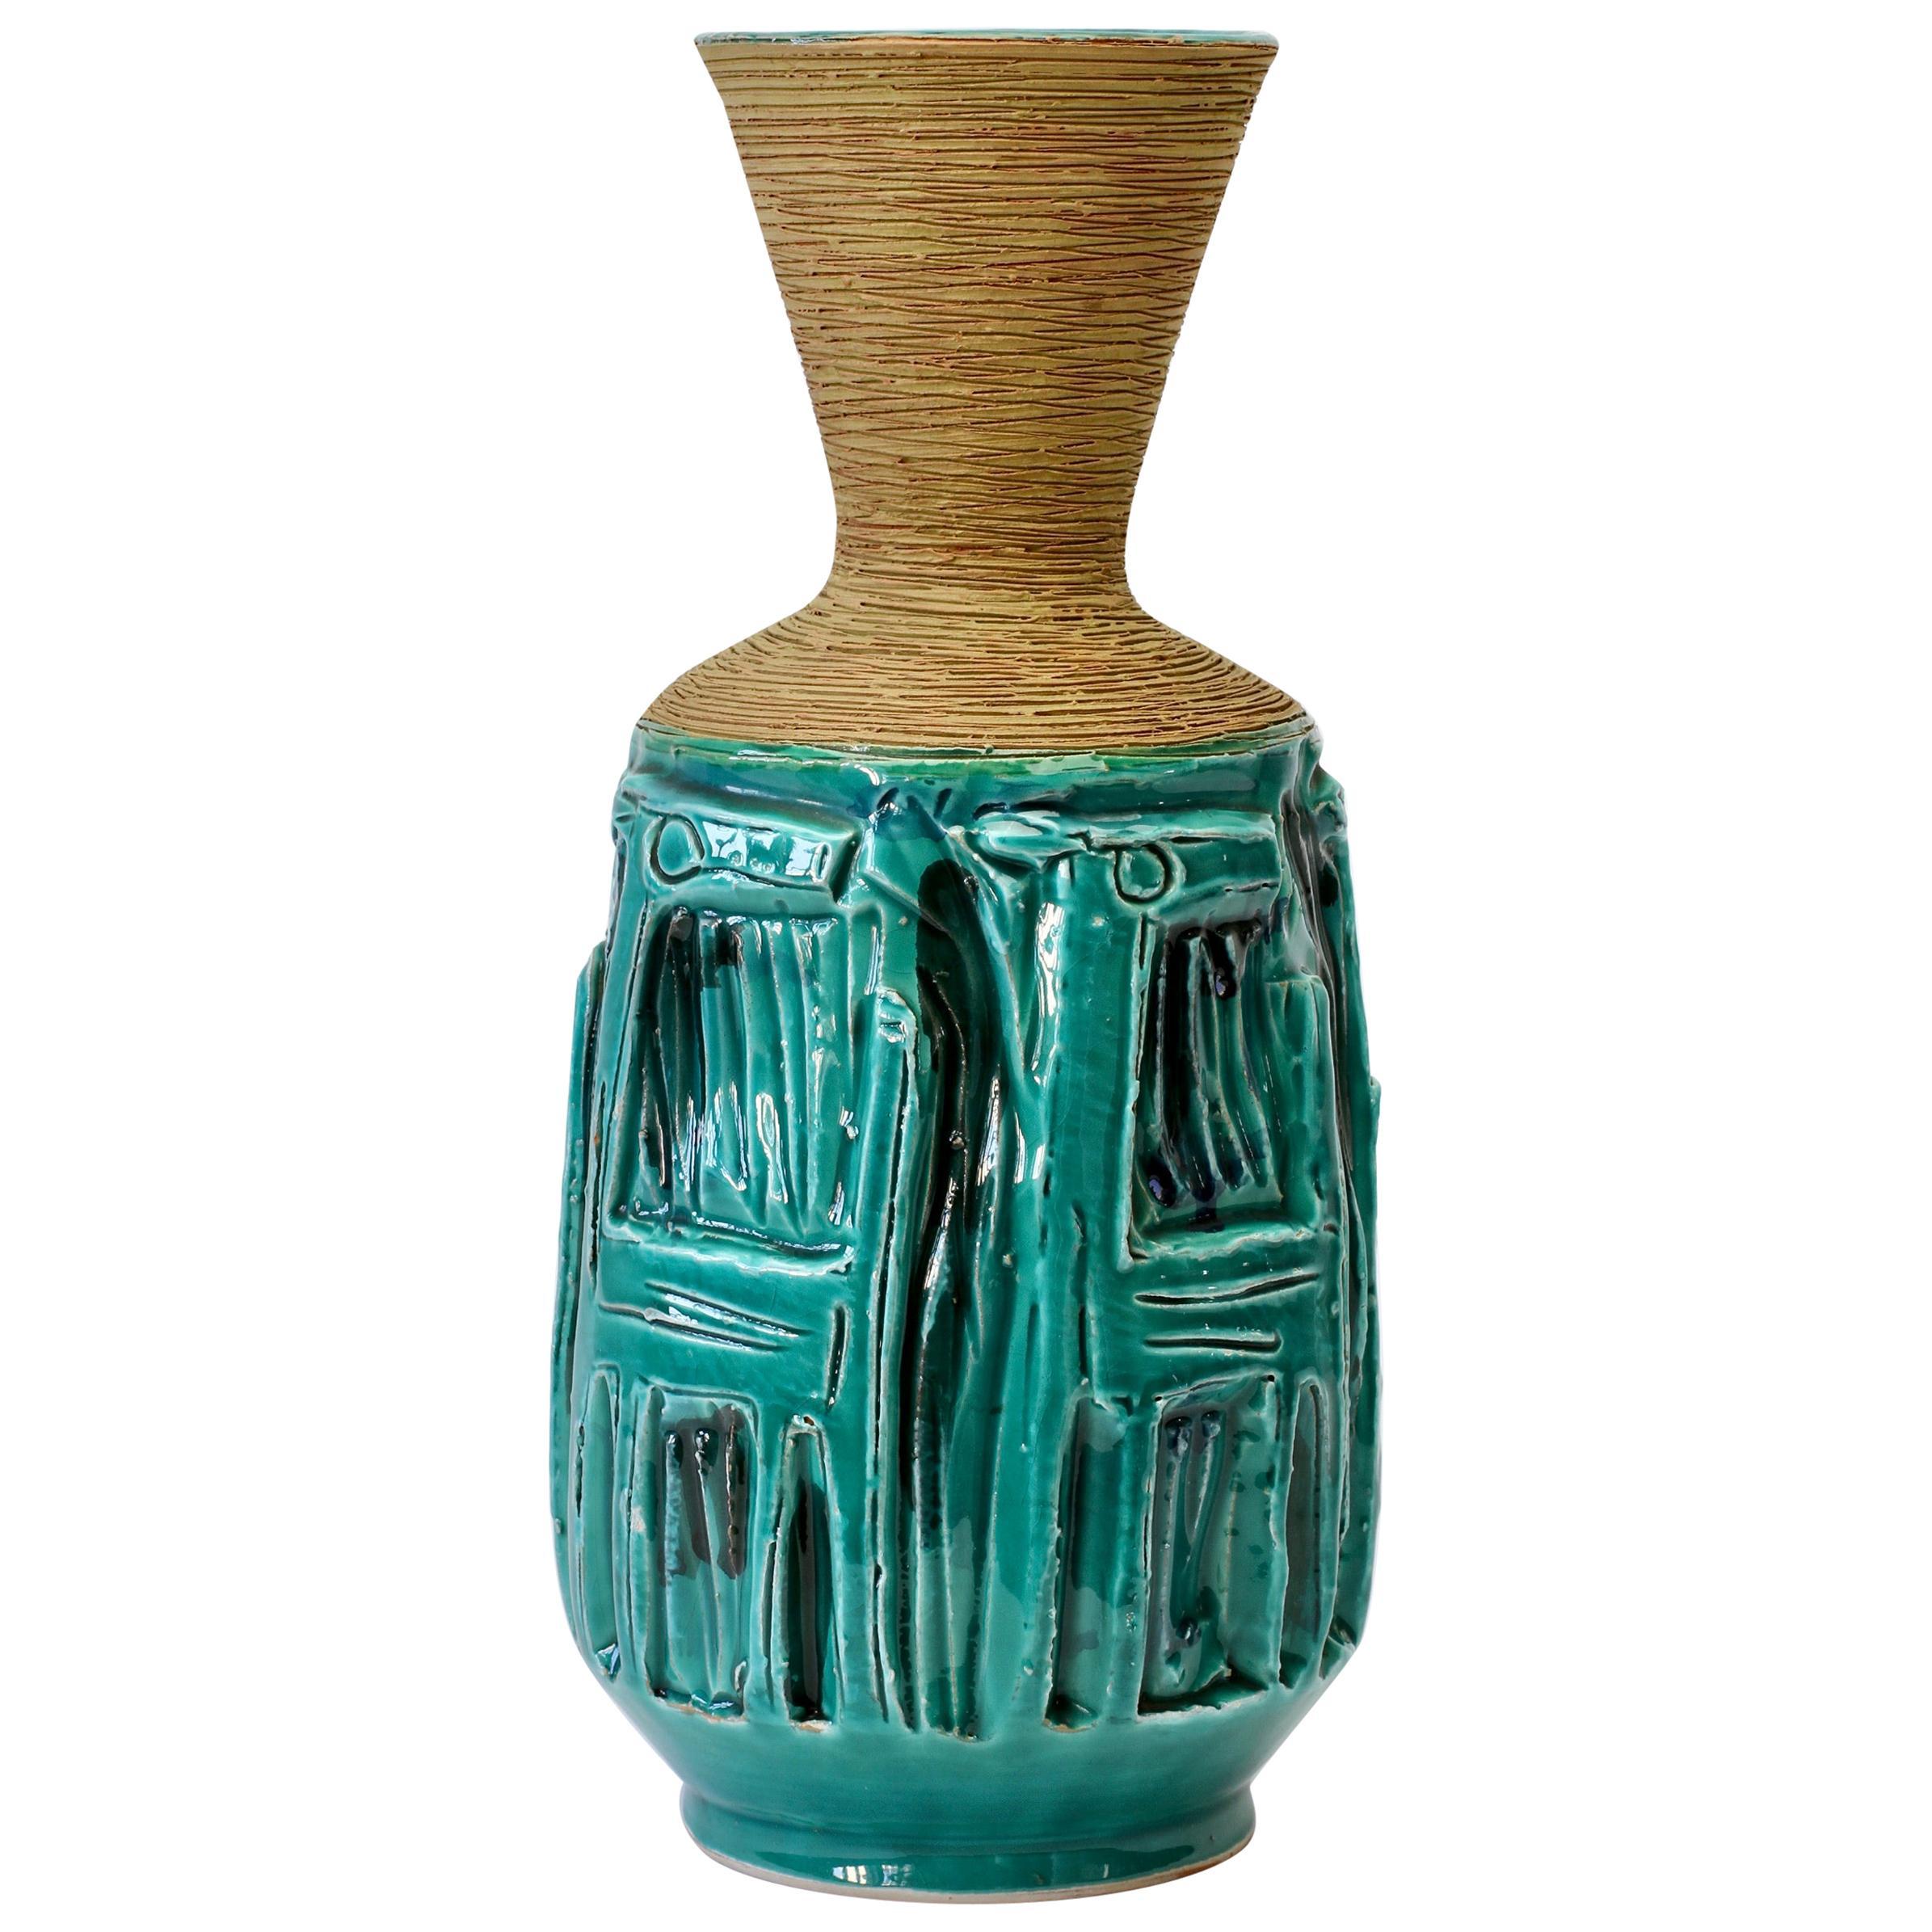 Midcentury Turquoise Italian Ceramic Vase by Fratelli Fanciullacci, circa 1960